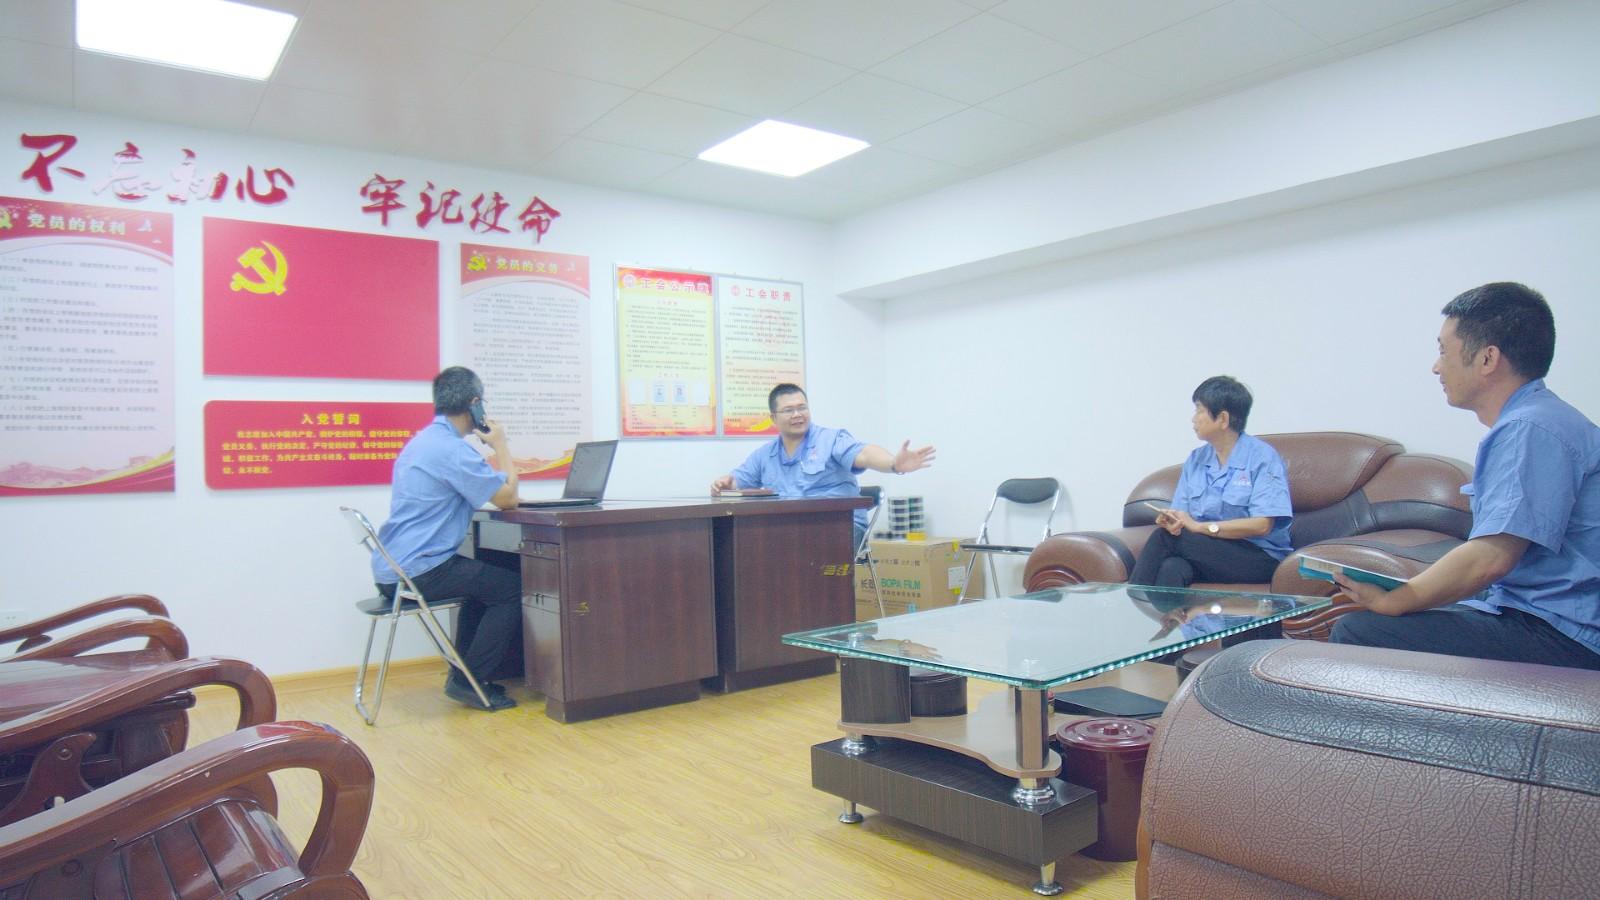 党员活动室 Party member activity room